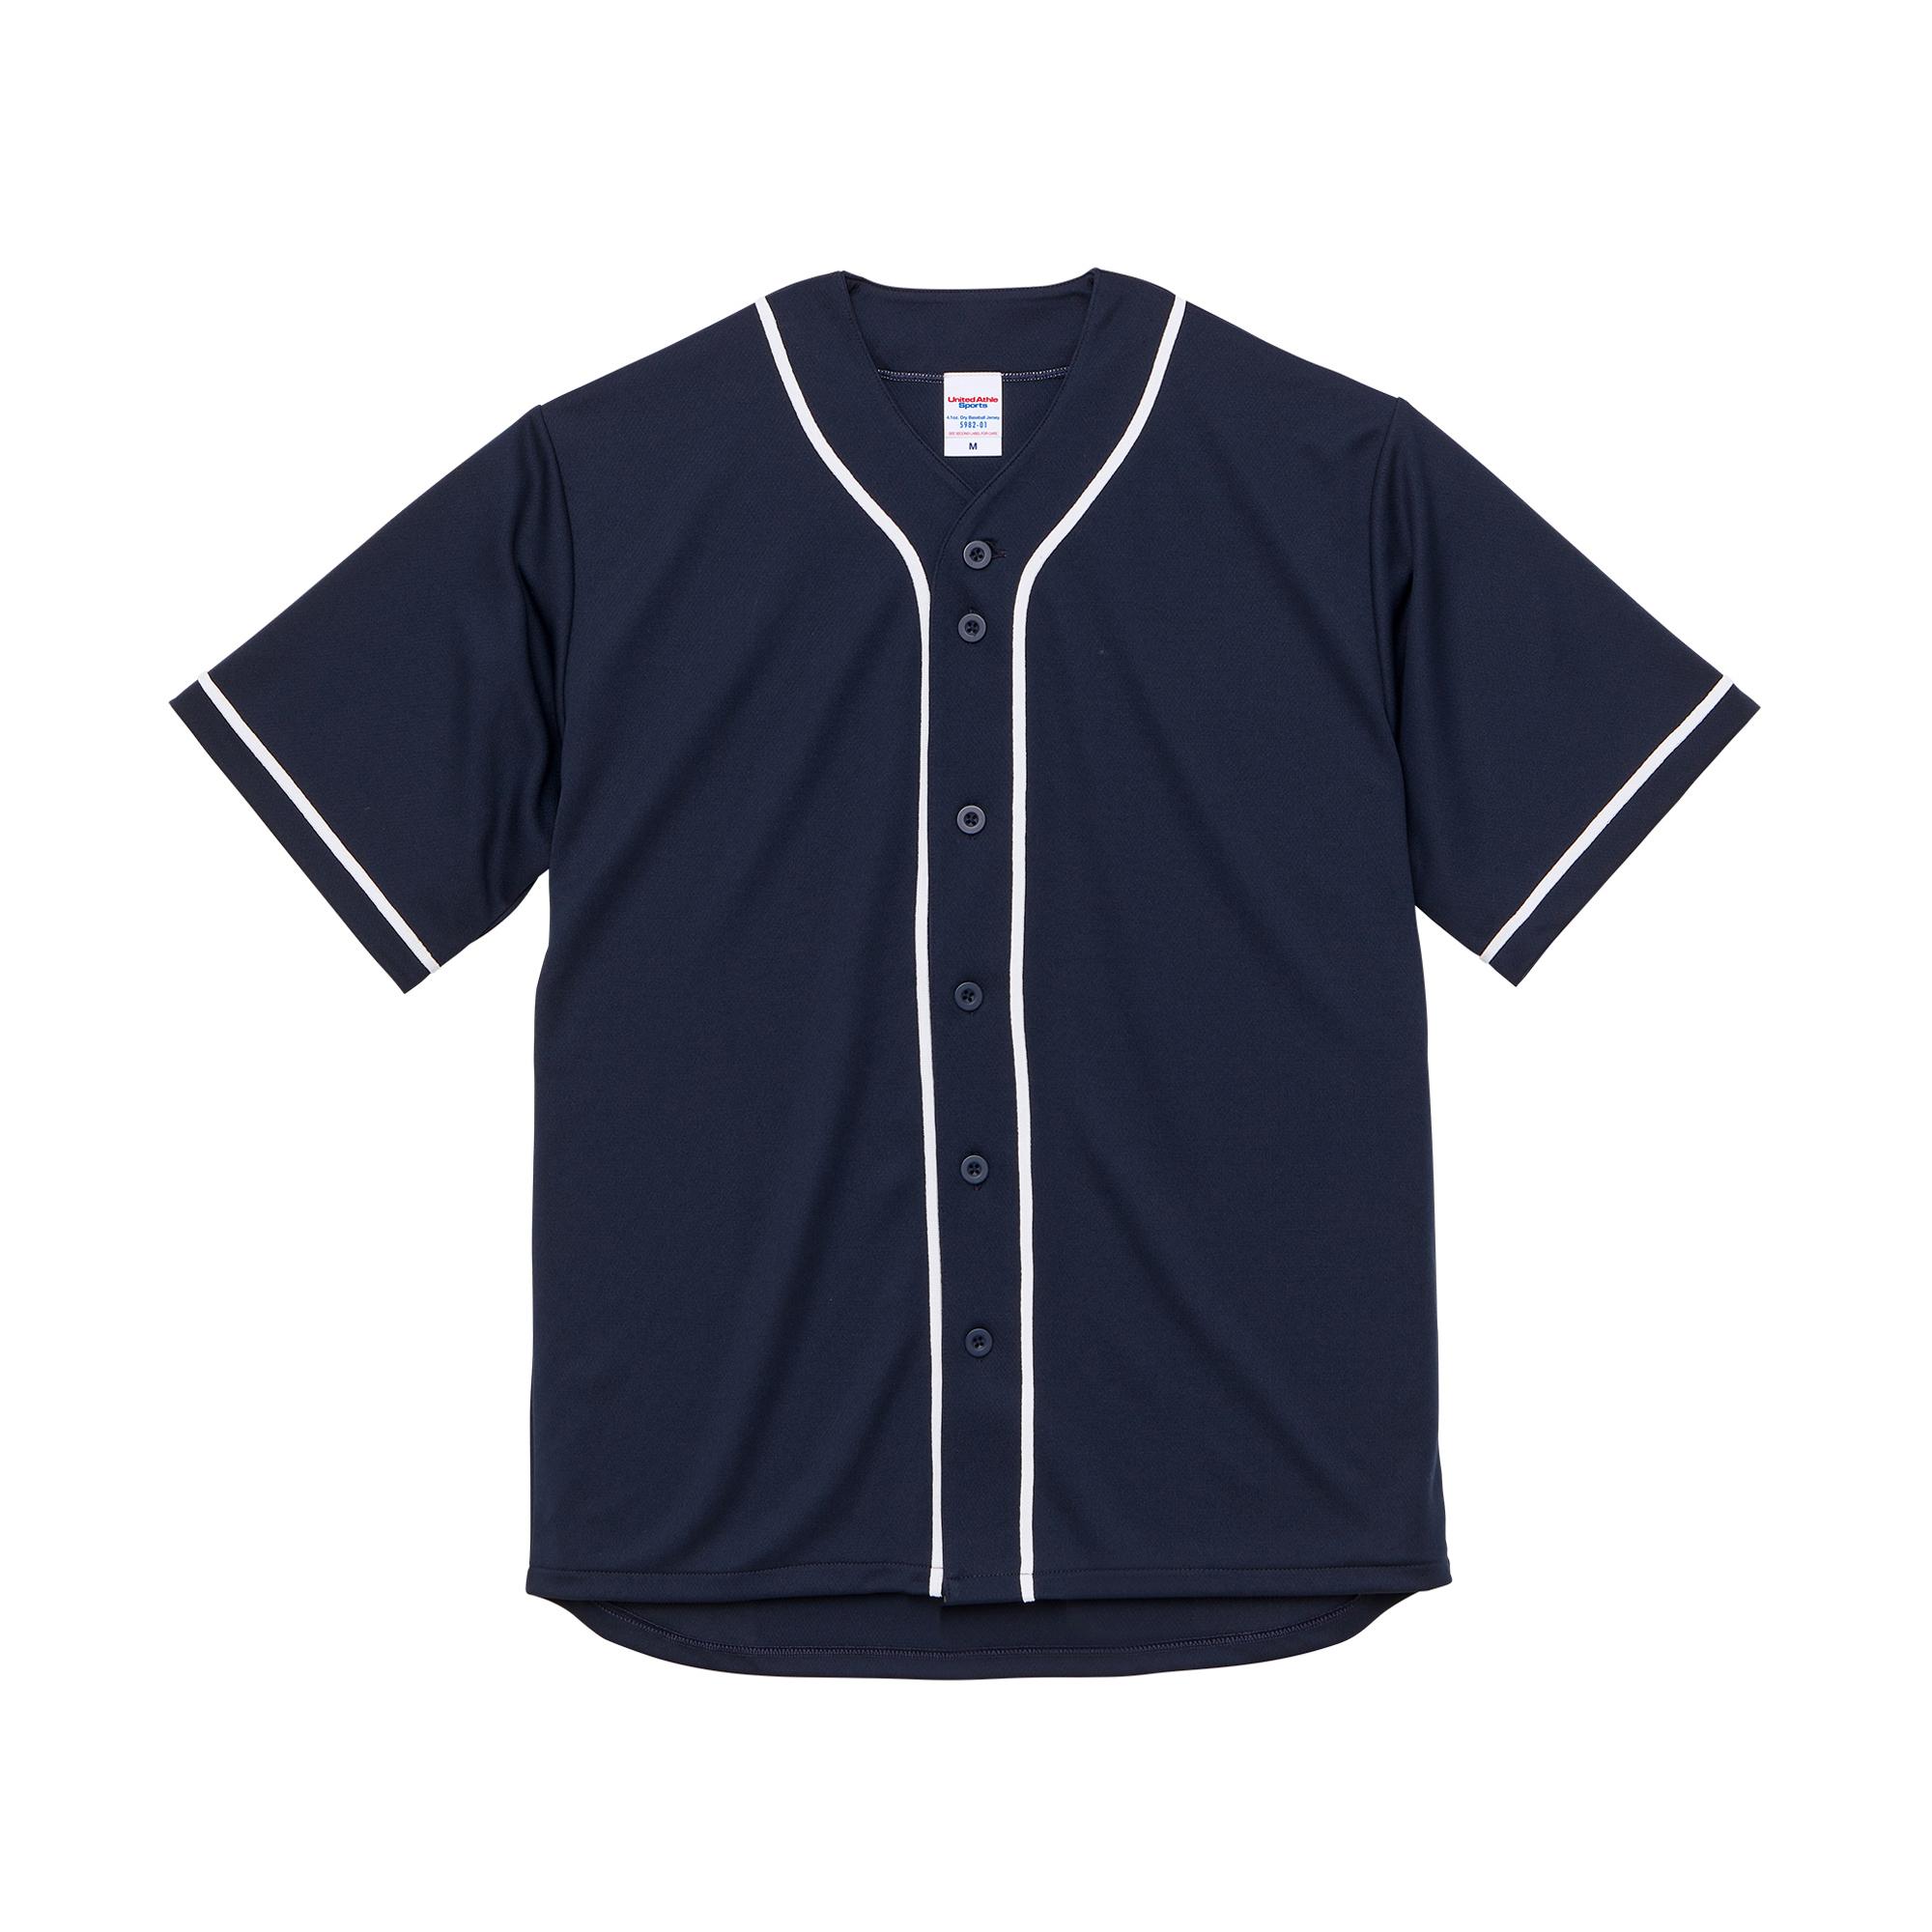 ドライアスレチックベースボールシャツ